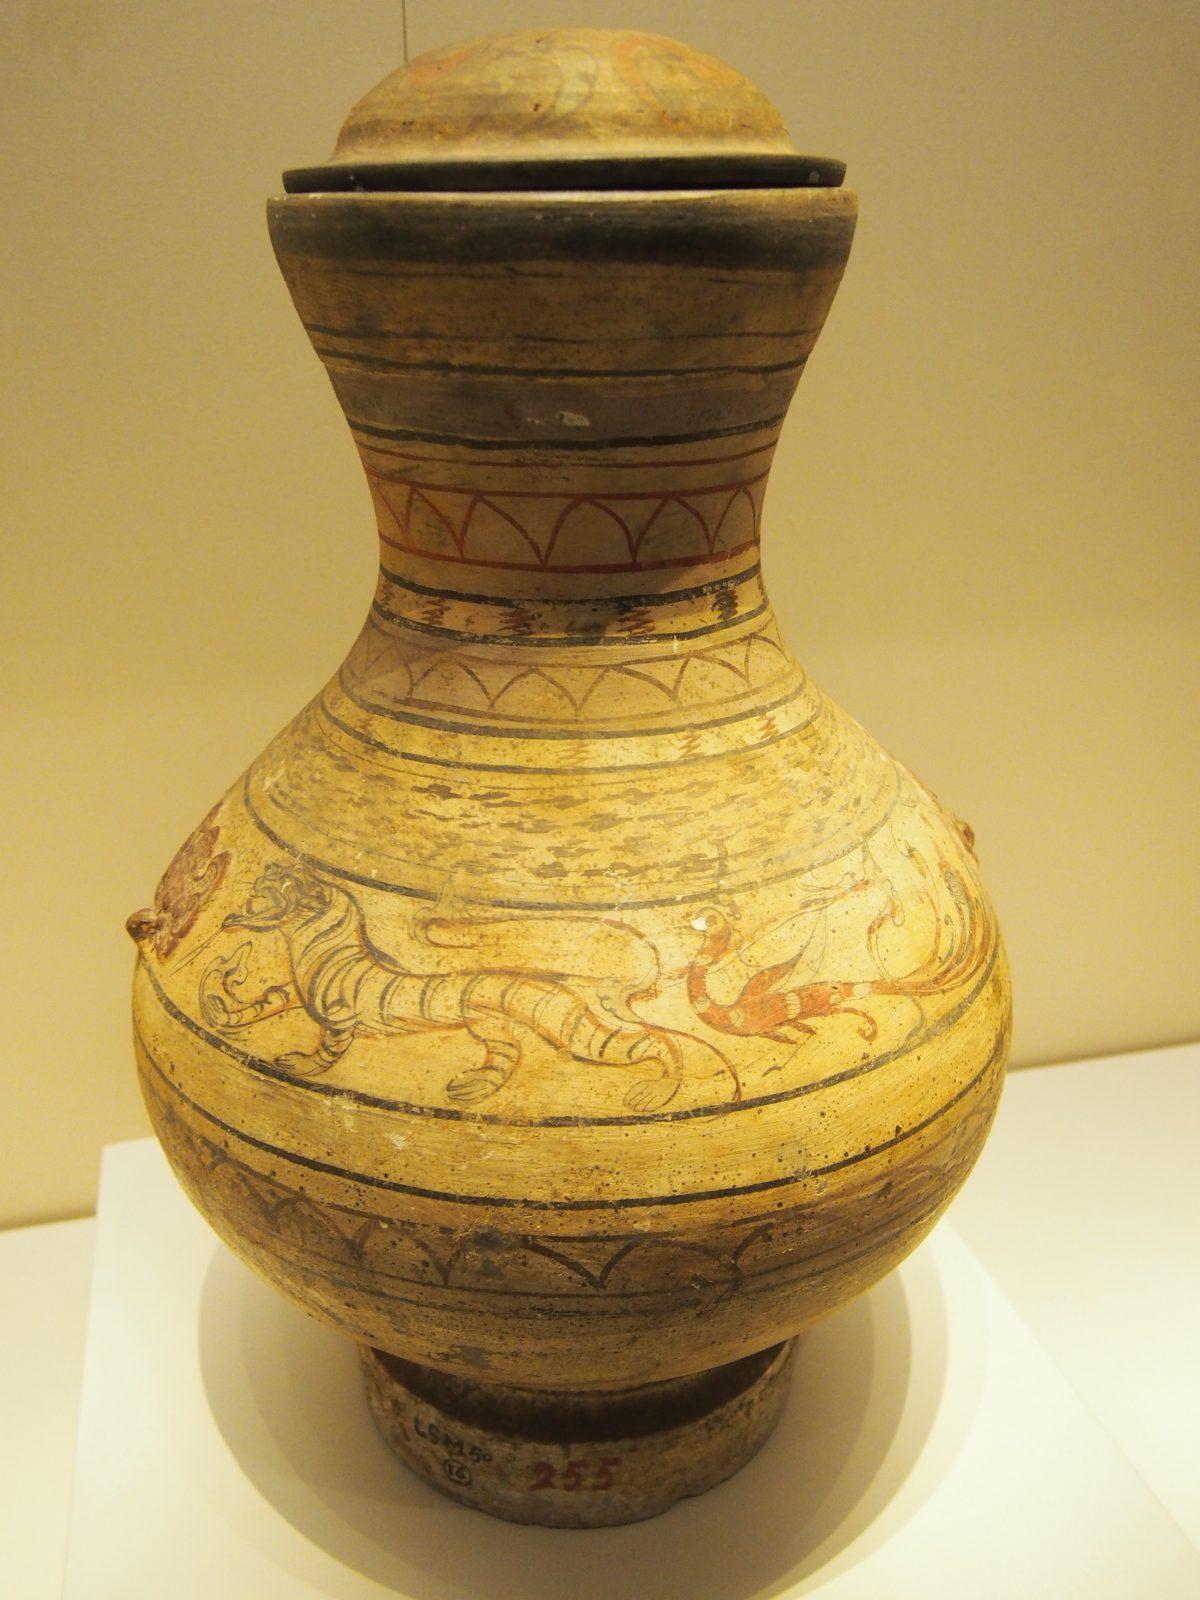 西汉·彩绘龙虎纹陶壶